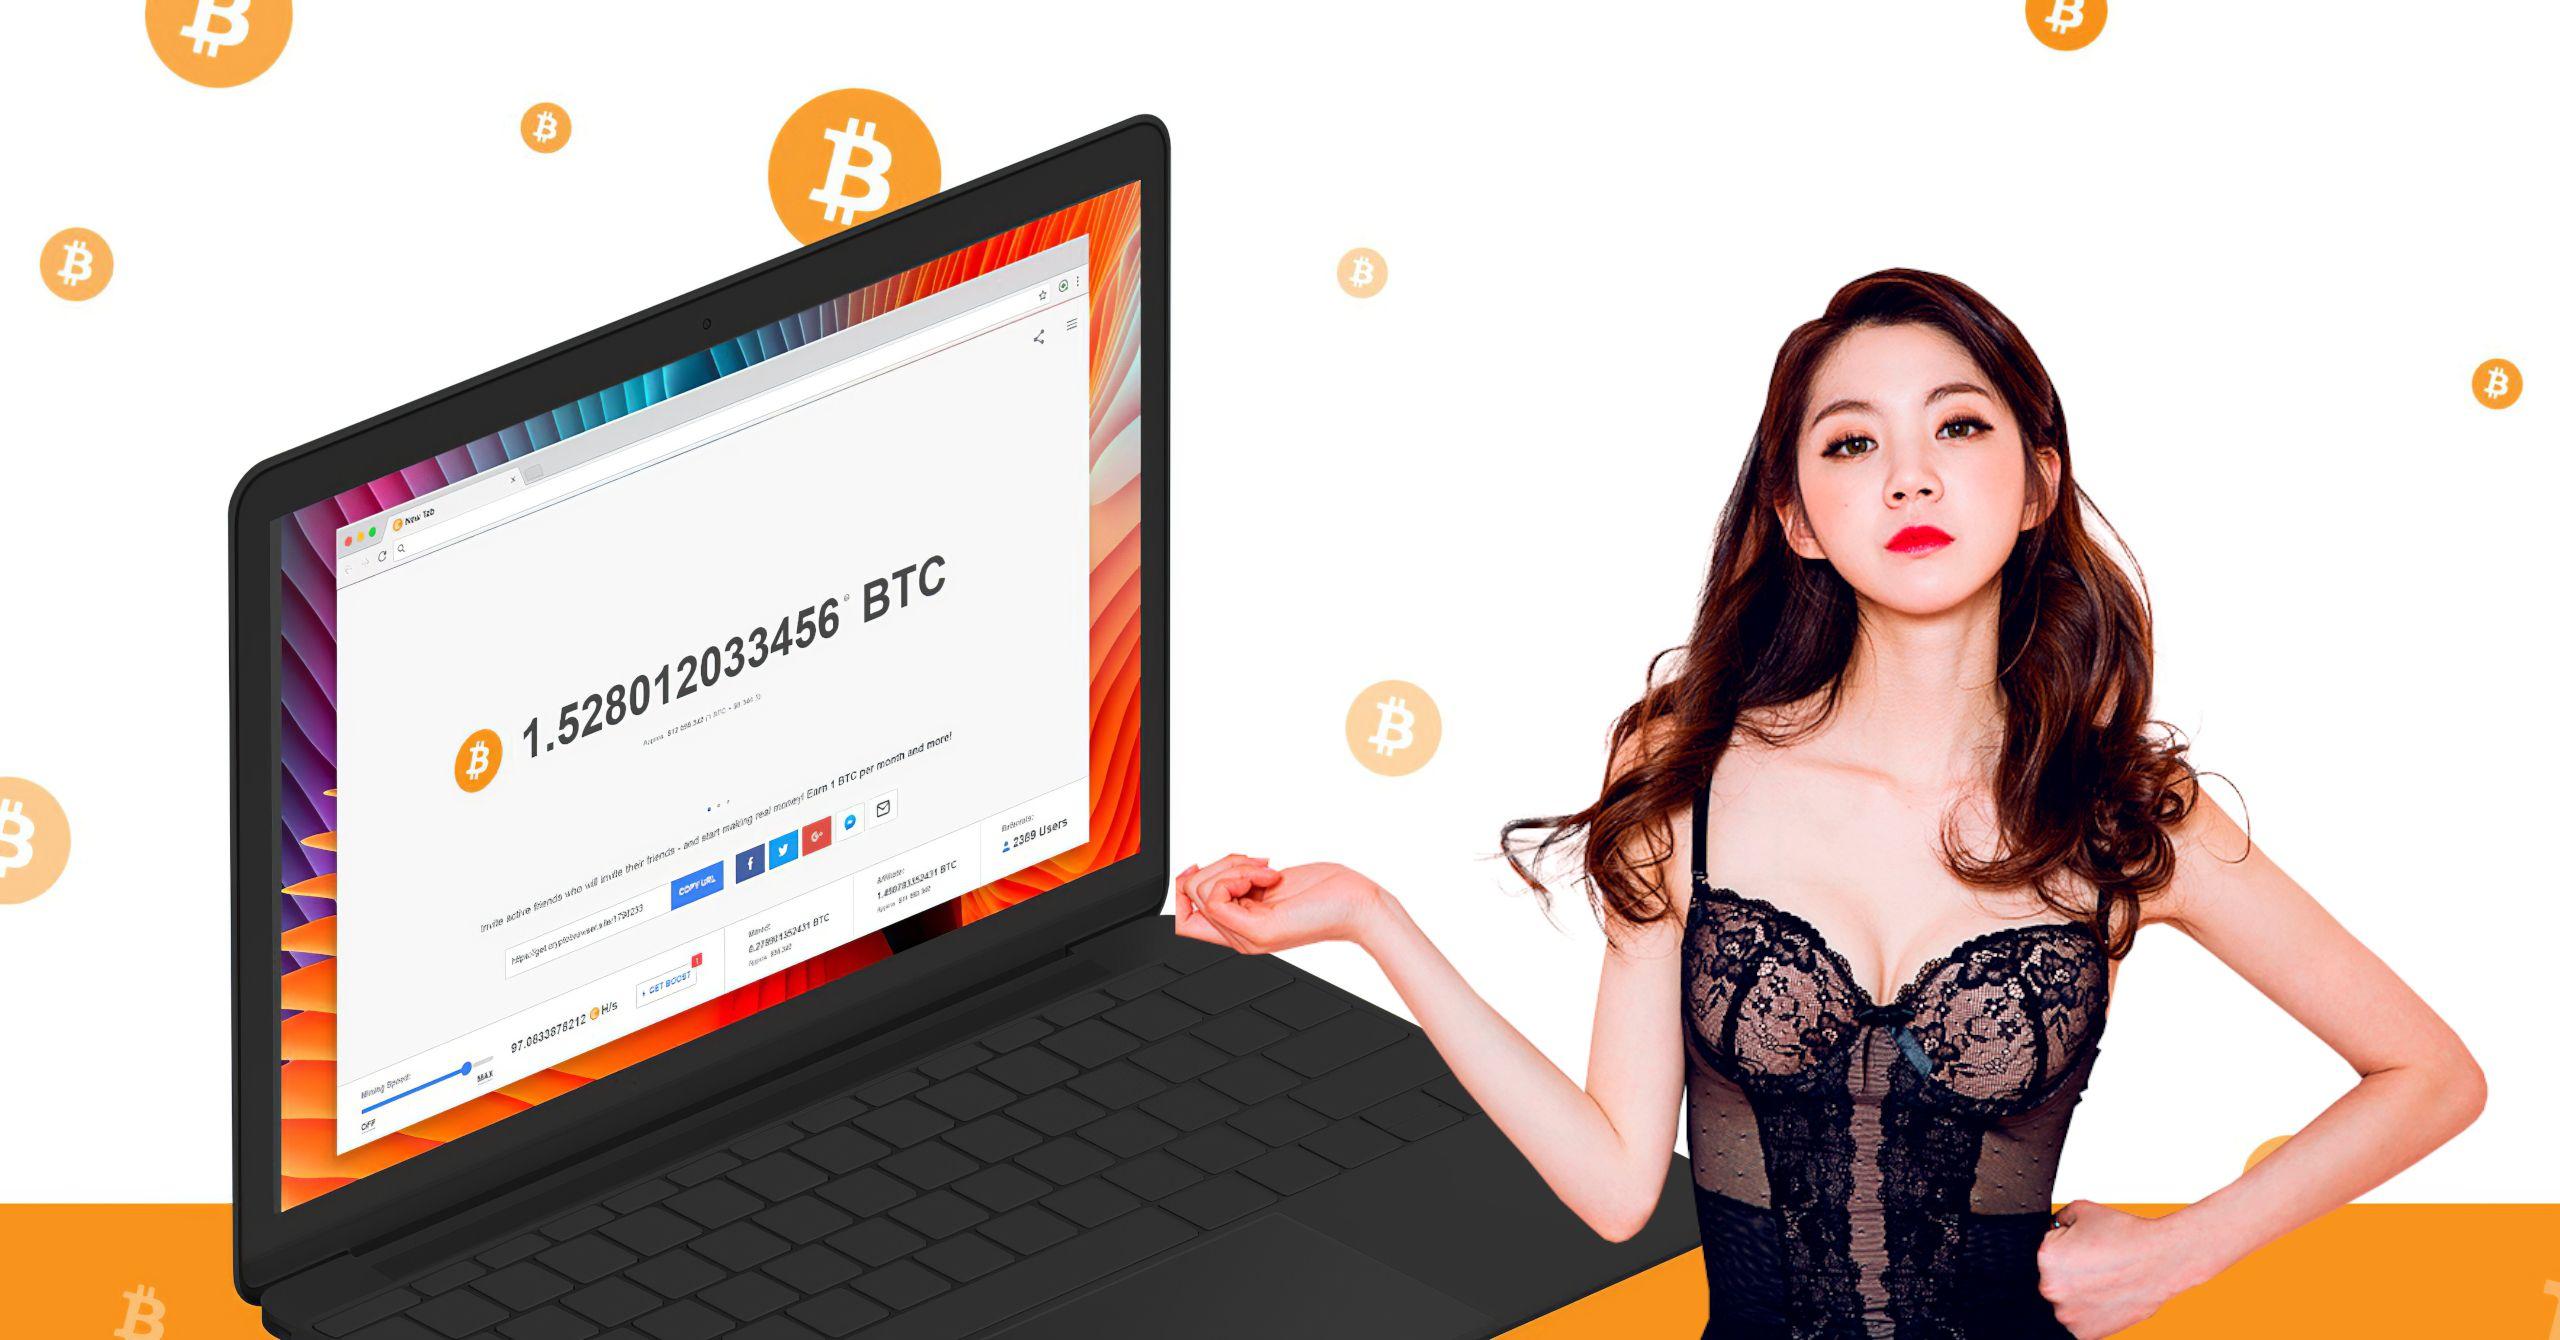 Como hacker bitcoins free bitcoins vs bitcoin exchange